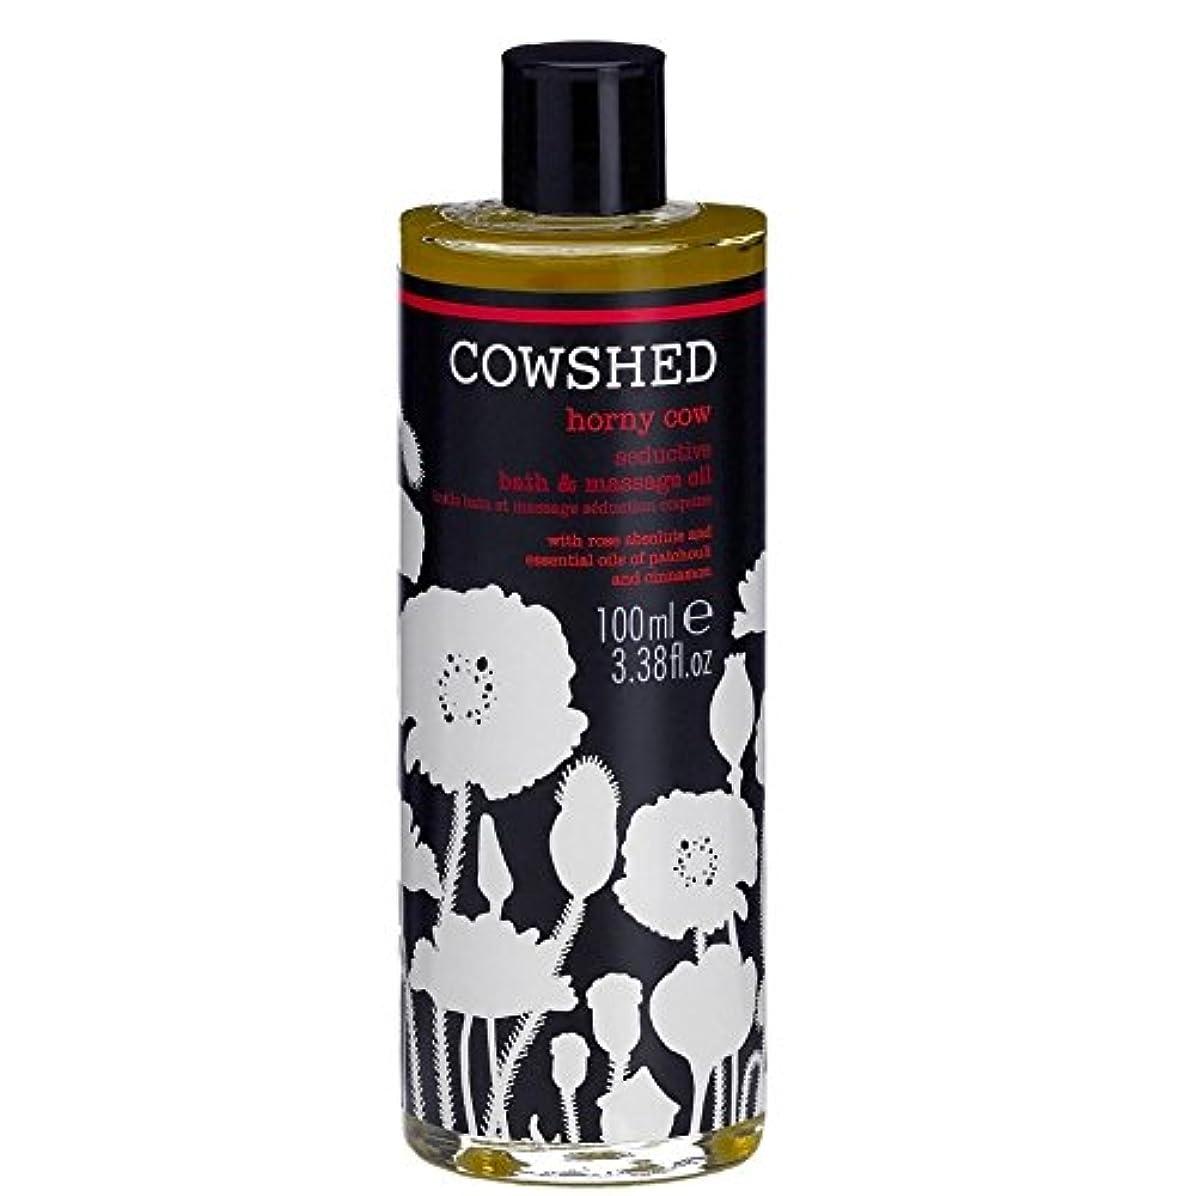 利得受け入れた責めCowshed Horny Cow Seductive Bath and Body Oil 100ml - 牛舎角質牛魅惑的なバス、ボディオイル100ミリリットル [並行輸入品]